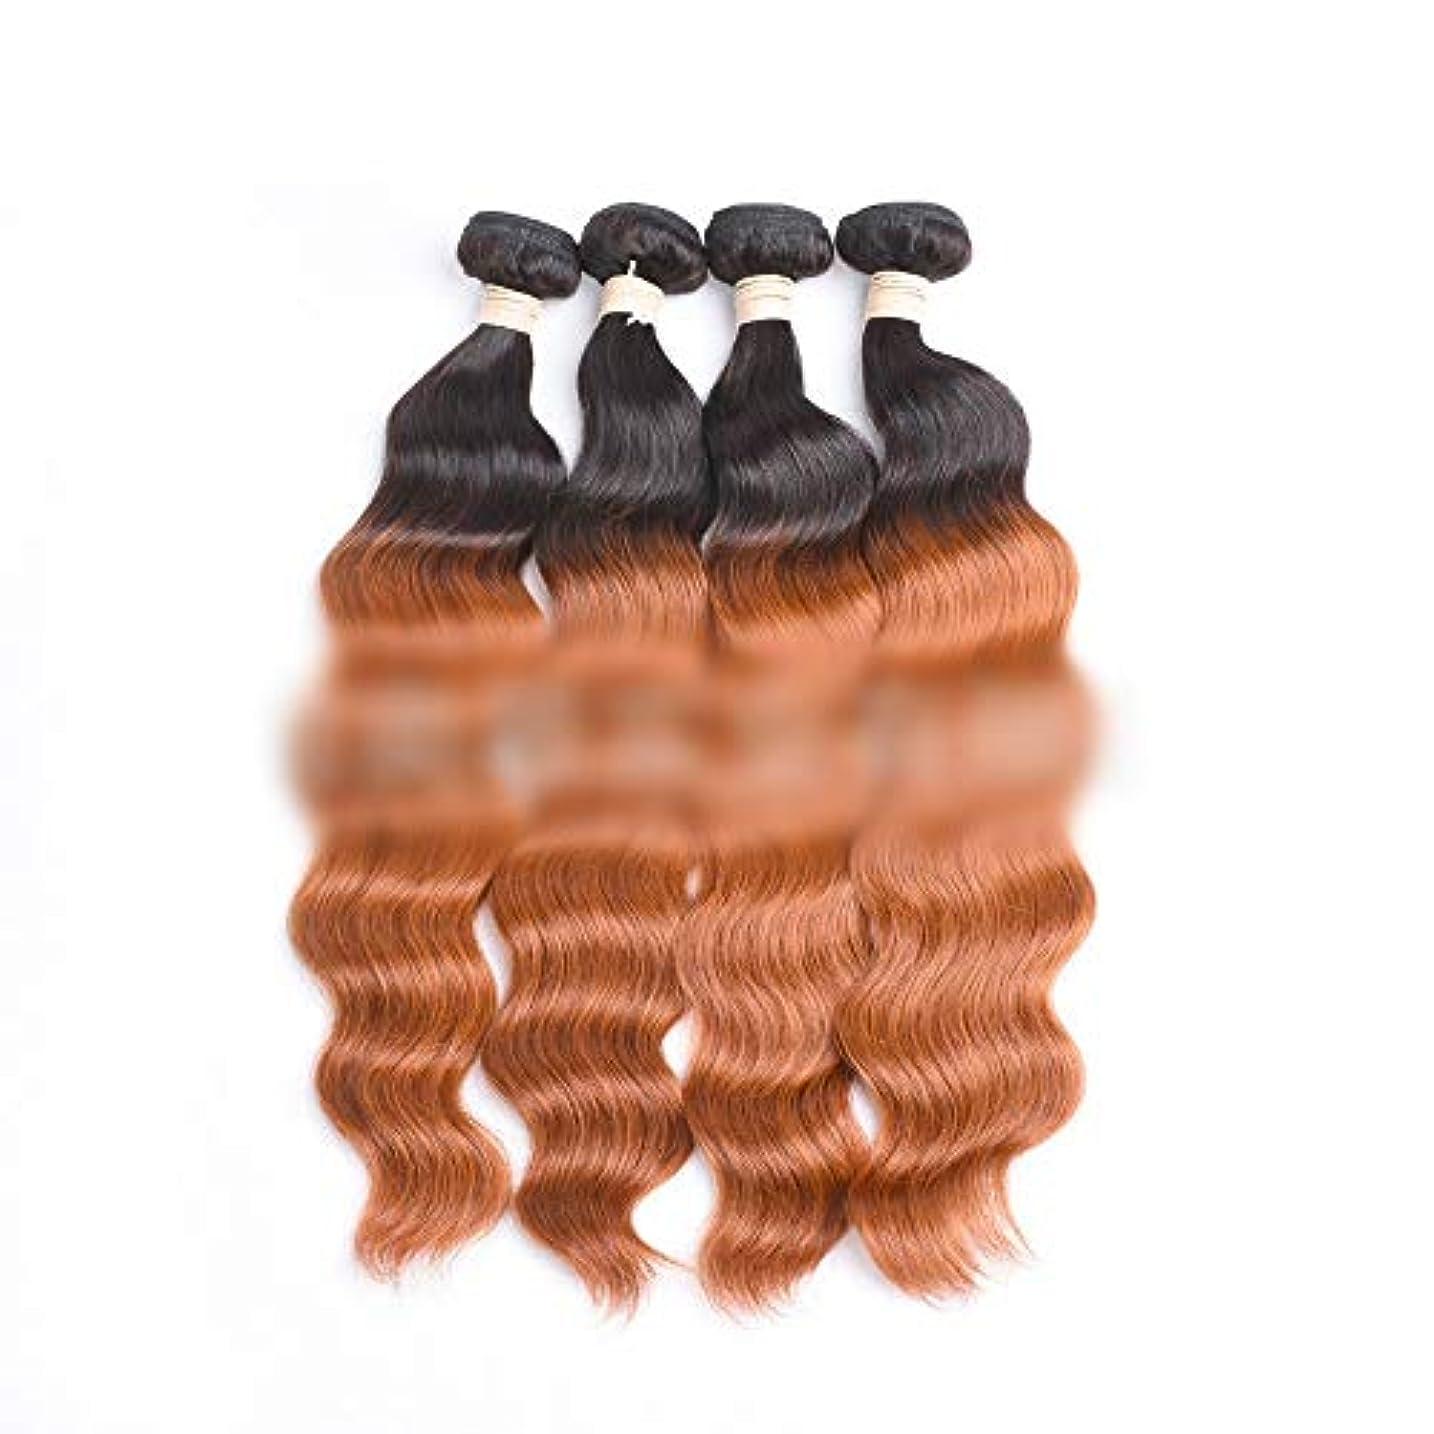 差し控える窒息させる討論HOHYLLYA ブラジルのオーシャンウェーブヘア1バンドル未処理の人間の髪の毛の拡張子 - #30明るい茶色の色ロールプレイングかつら女性の自然なかつら (色 : ブラウン, サイズ : 14 inch)